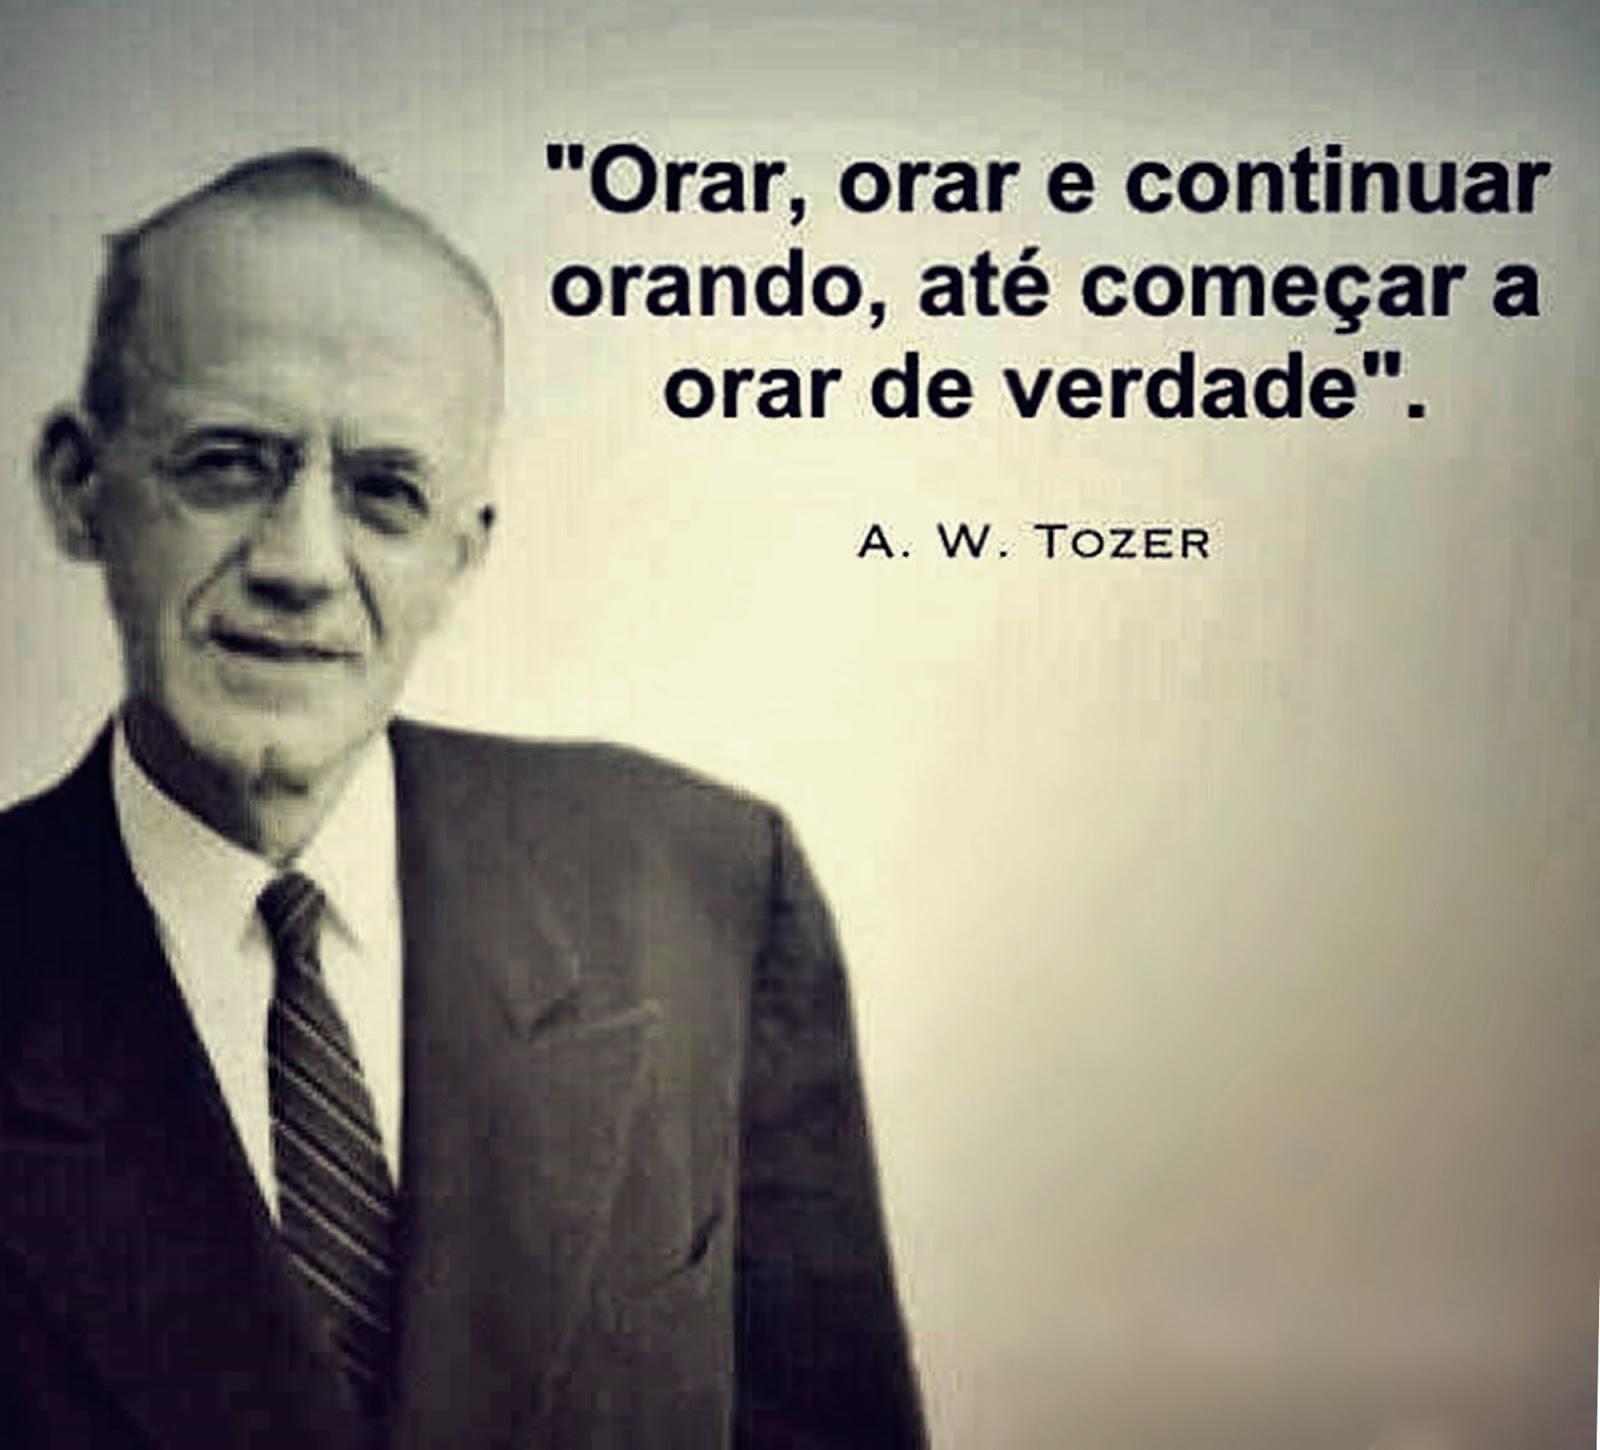 Eliseu Antonio Gomes 010118